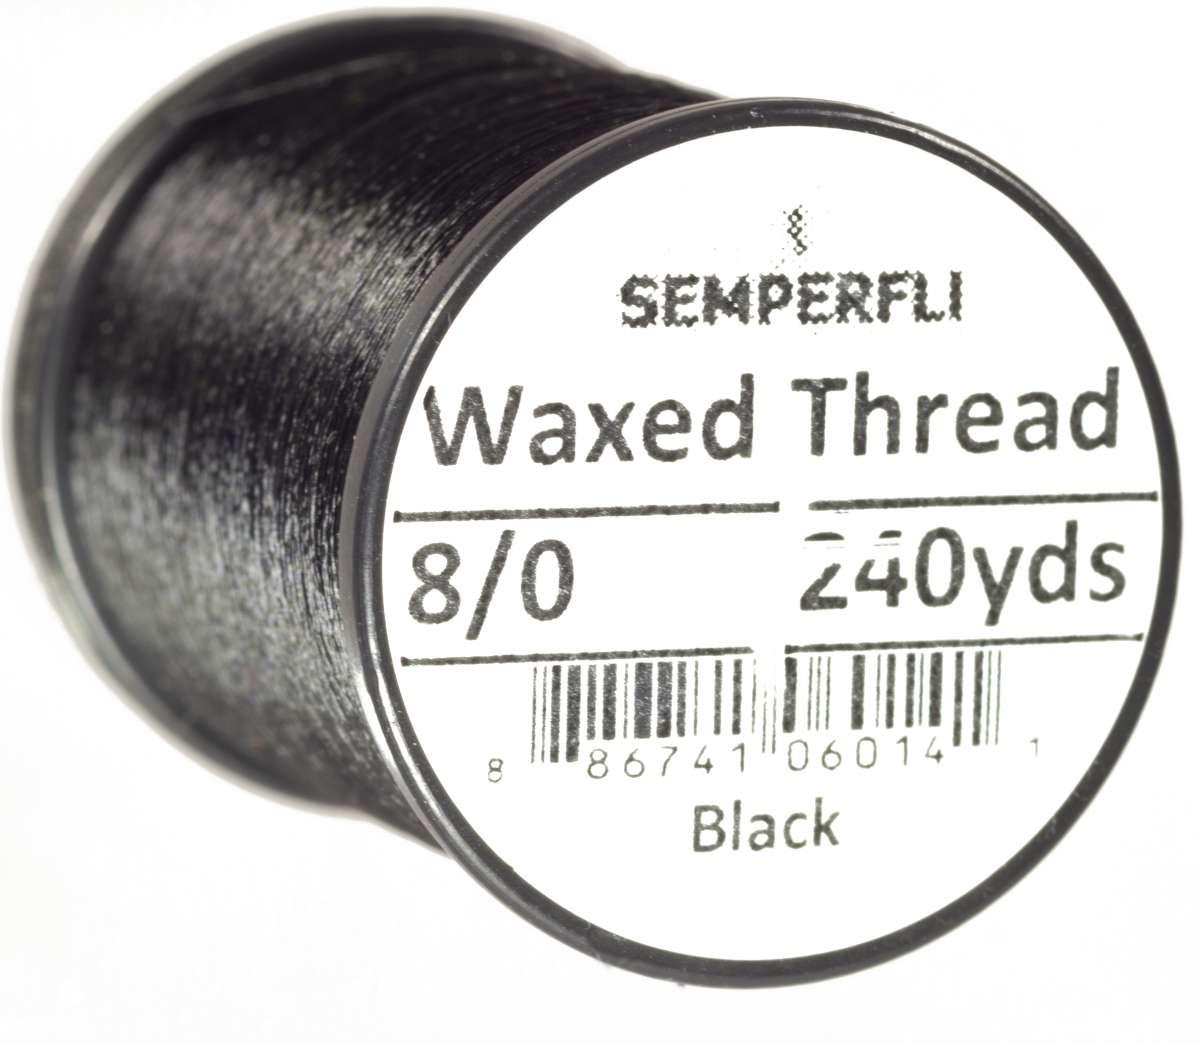 8/0 Classic Waxed Thread Black Sem-0400-2000